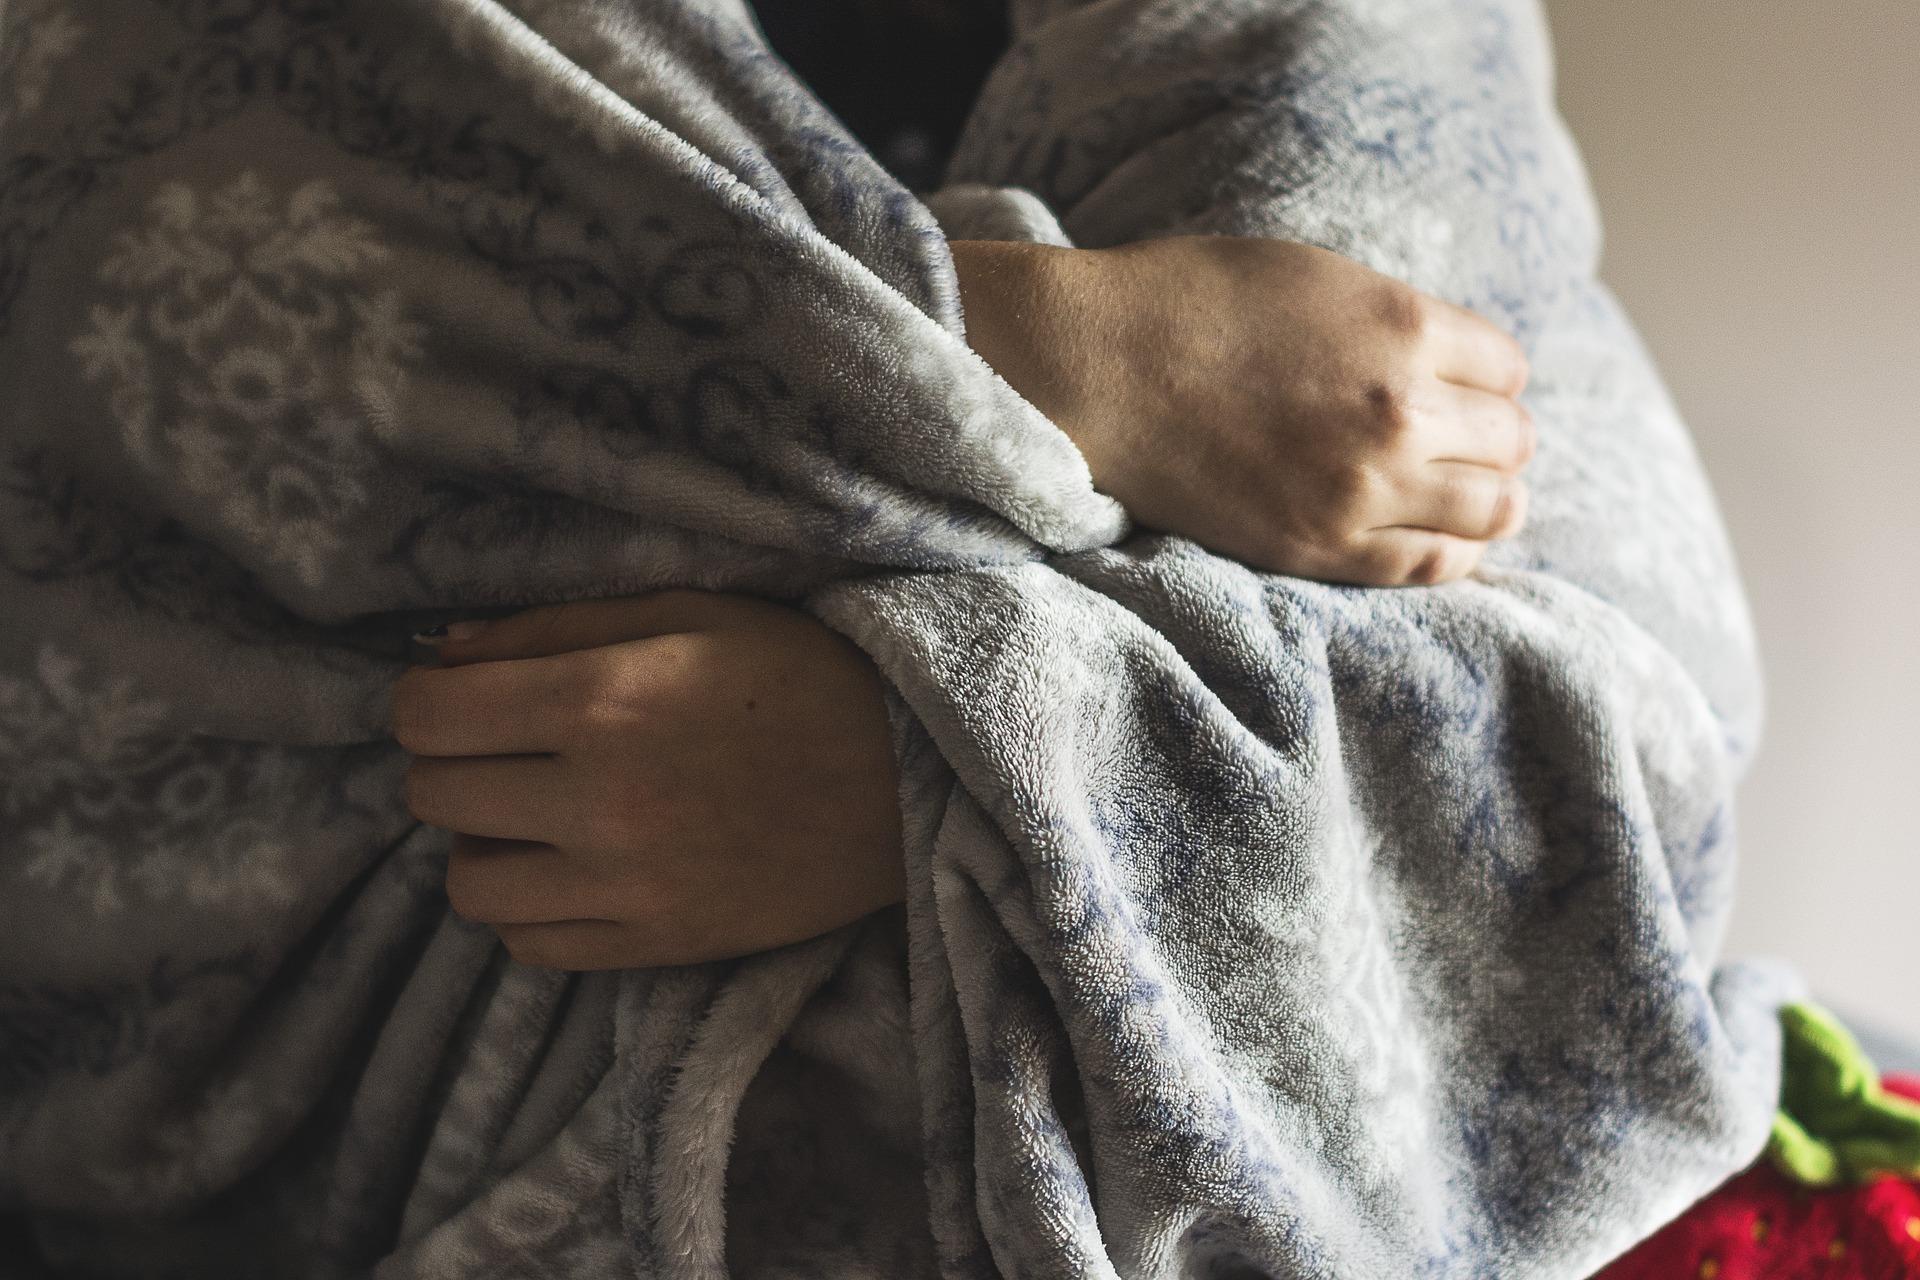 Trápí vás virózy a nedostatek energie? Je na čase posílit imunitní systém!